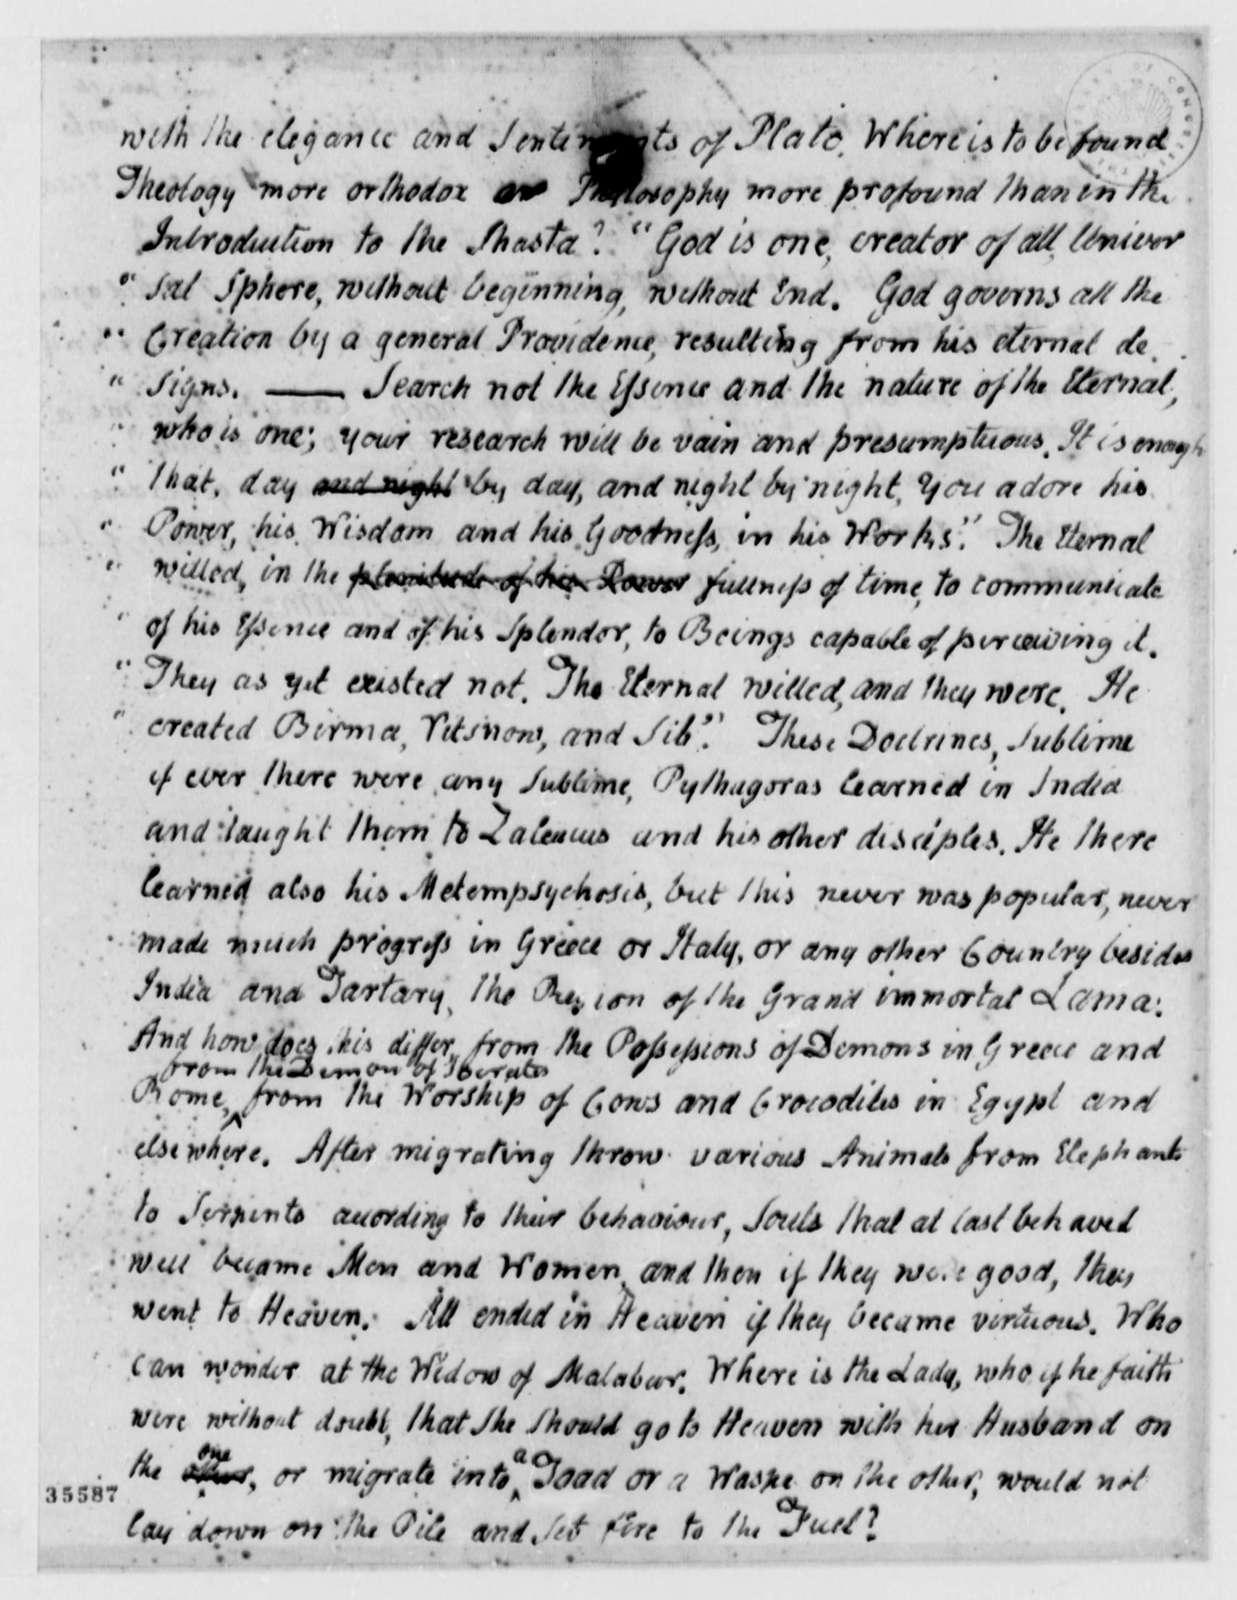 John Adams to Thomas Jefferson, December 25, 1813